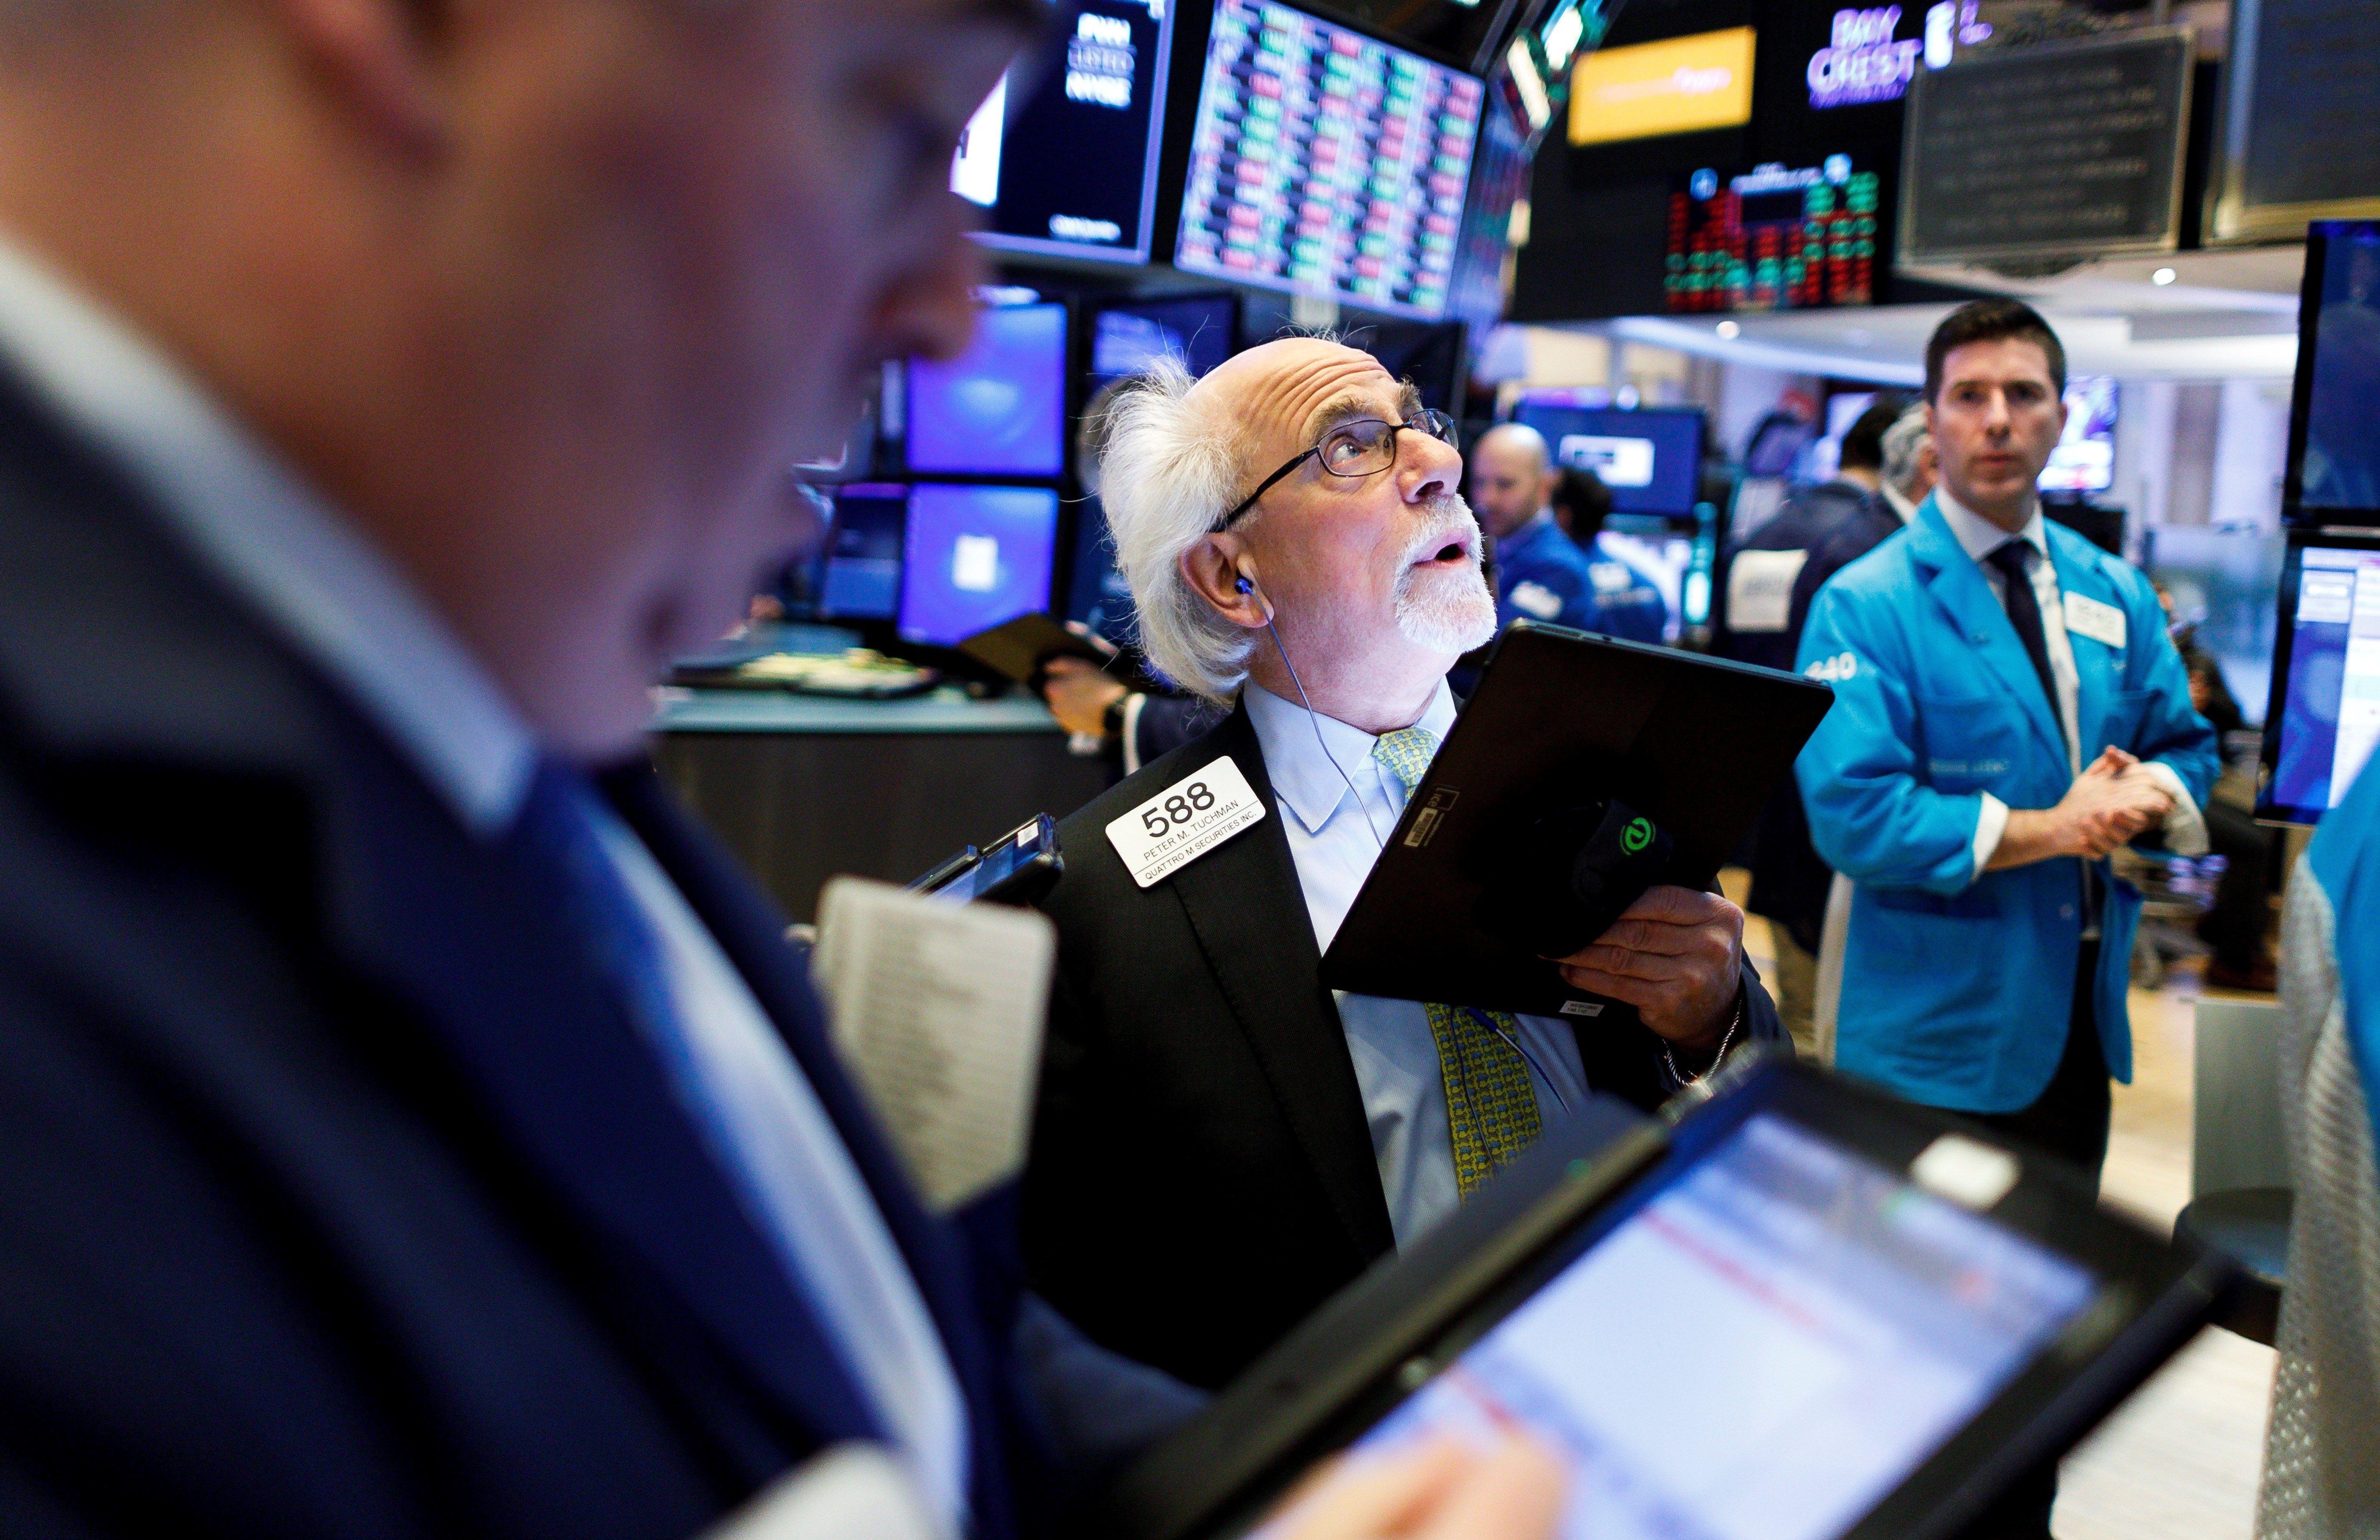 Agentes de bolsa trabajan en la Bolsa de Nueva York, Estados Unidos. EFE/ Justin Lane/Archivo